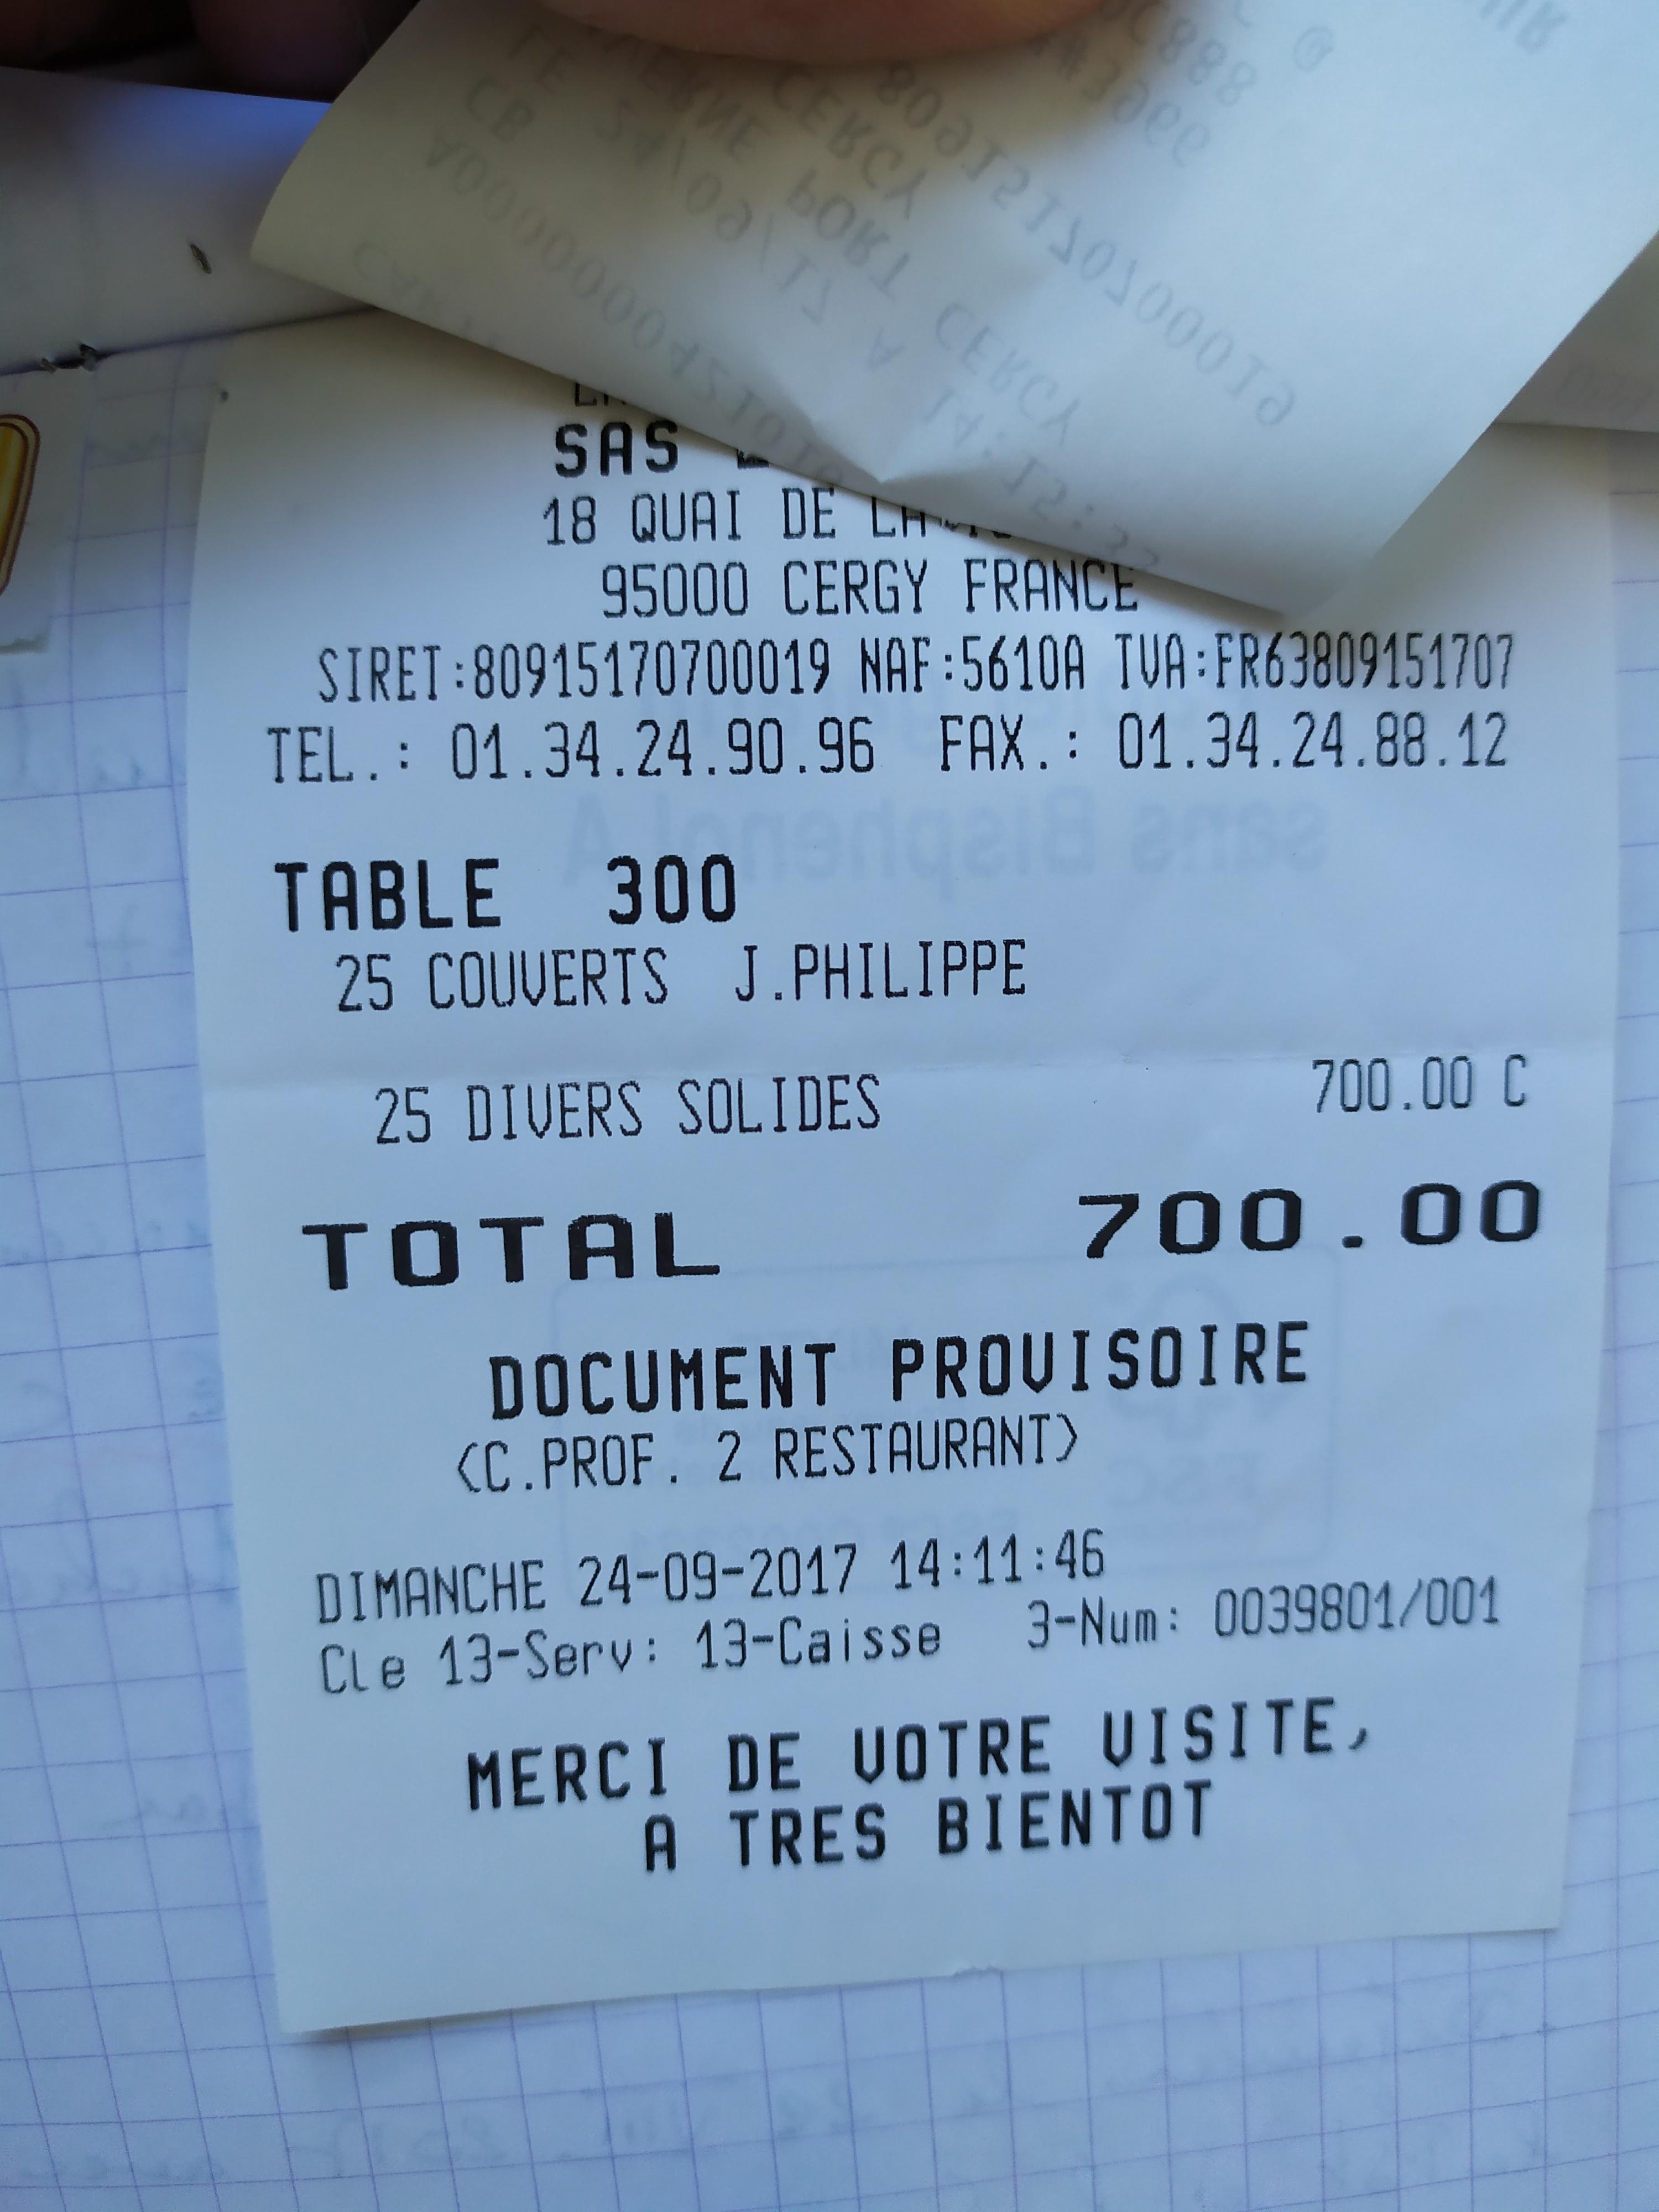 repas a 700 euros